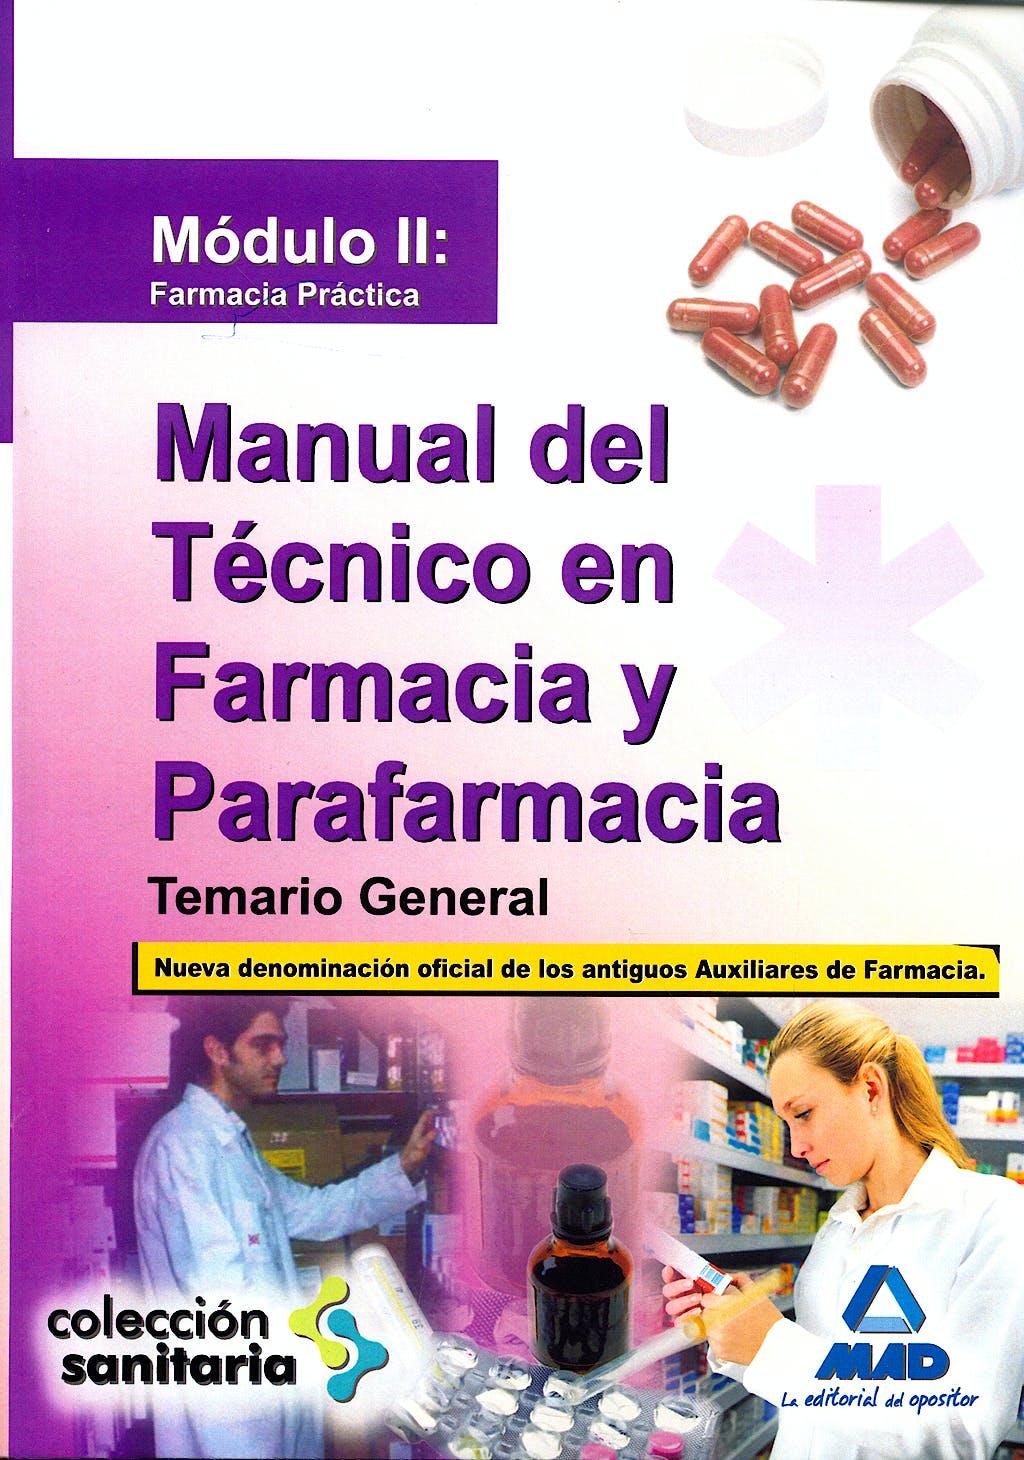 Portada del libro 9788467626339 Manual del Tecnico en Farmacia y Parafarmacia. Temario General. Modulo Ii. Farmacia Practica